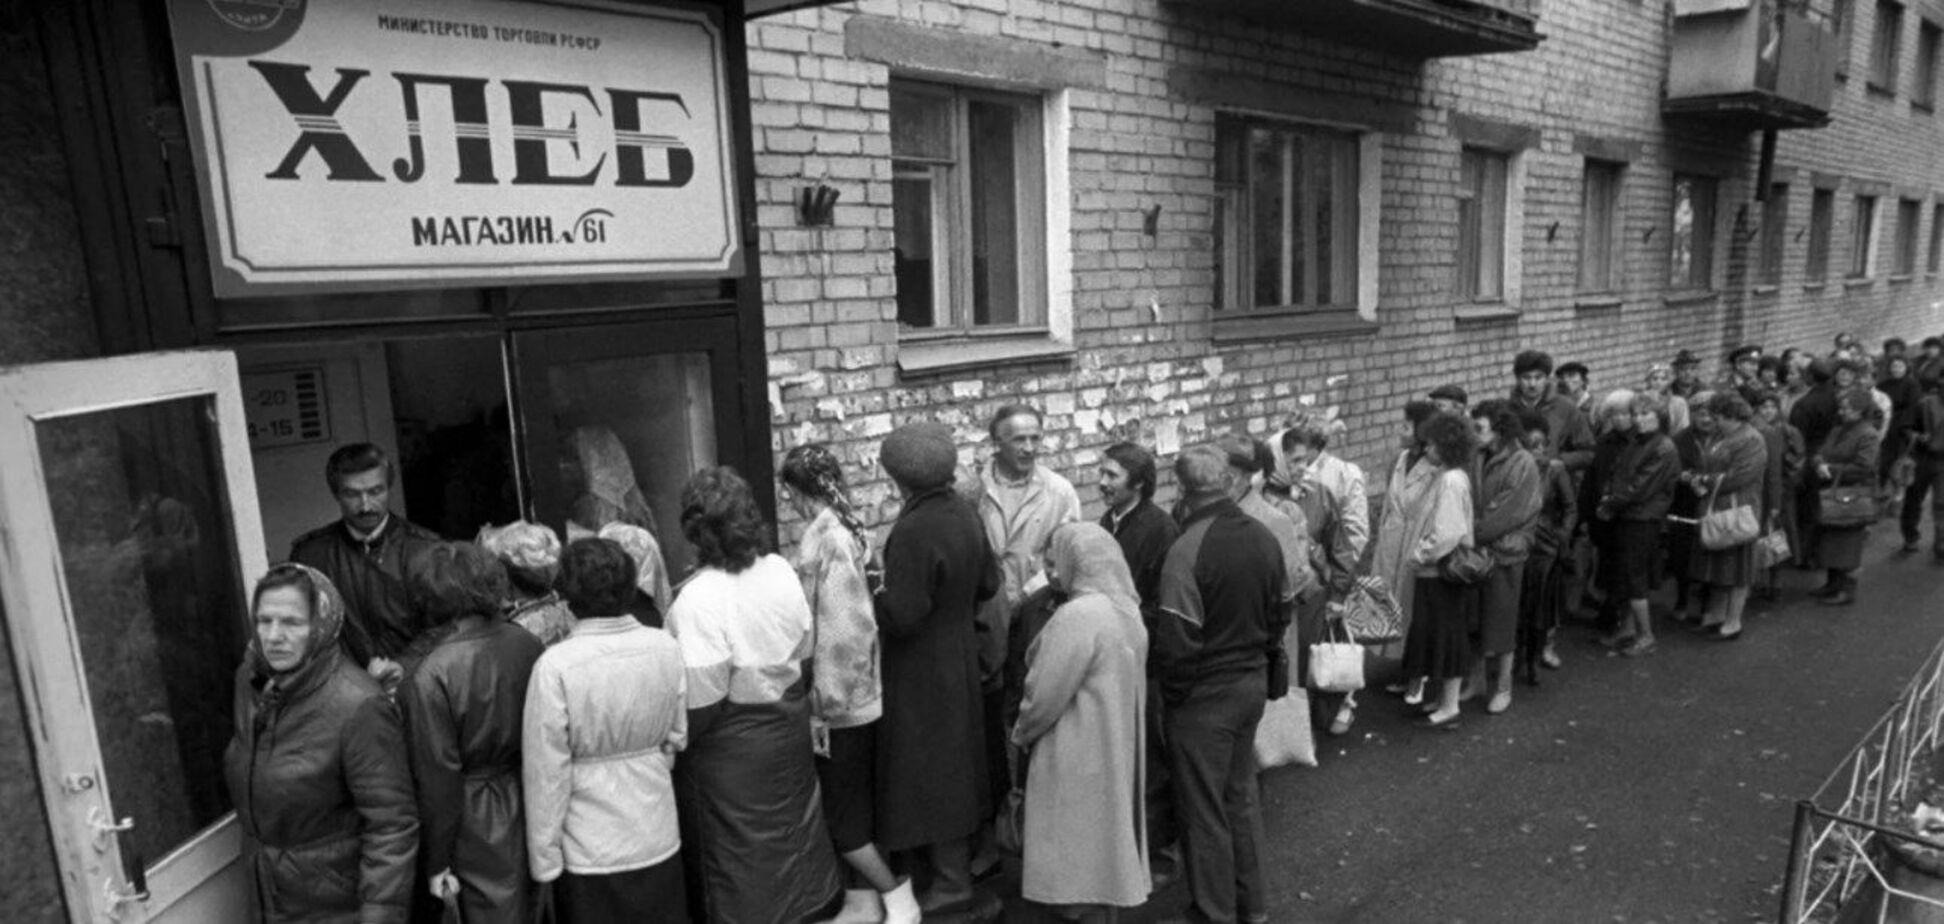 За тридцать лет память об СССР превратилась в ложь